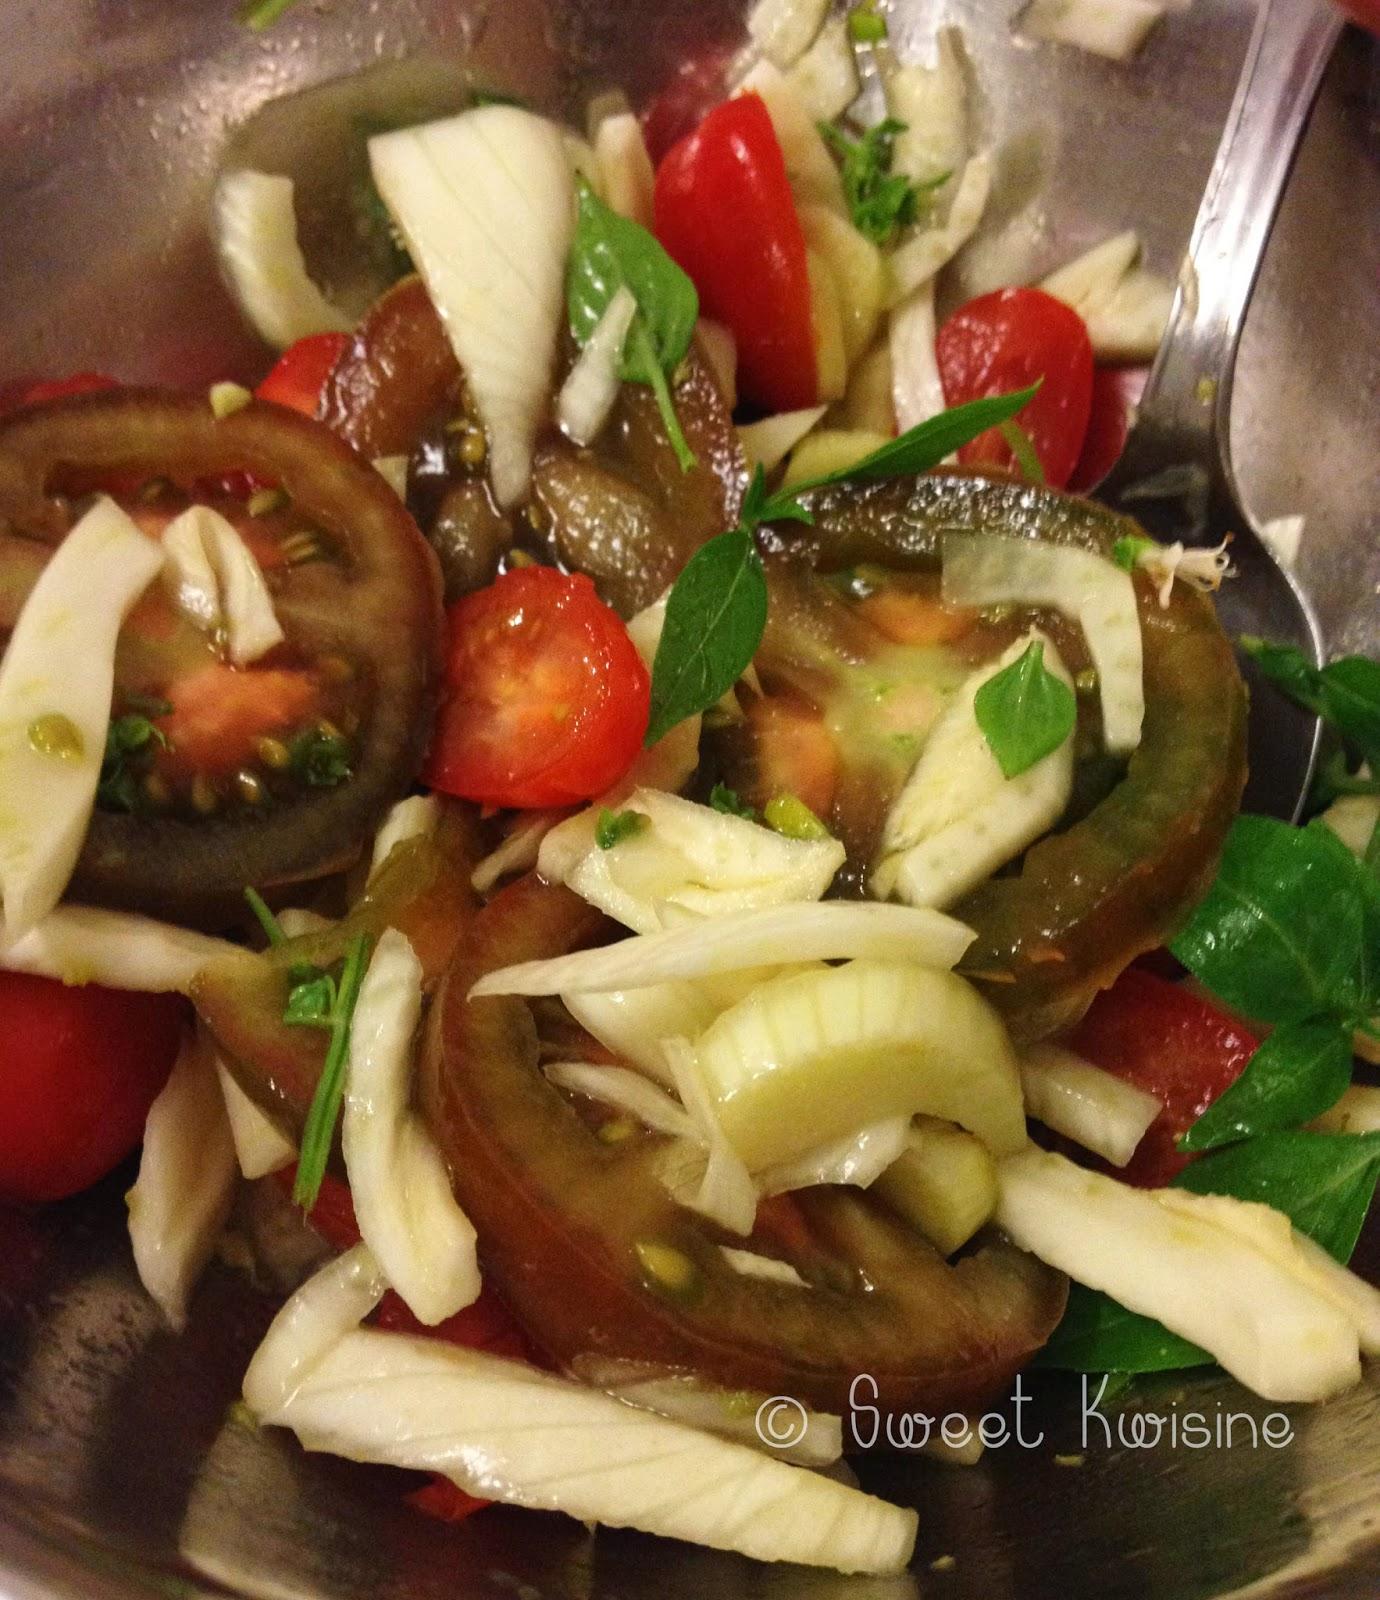 Sweet kwisine, salade, fenouil, tomates, cuisine légère, végétarien, citron, basilic